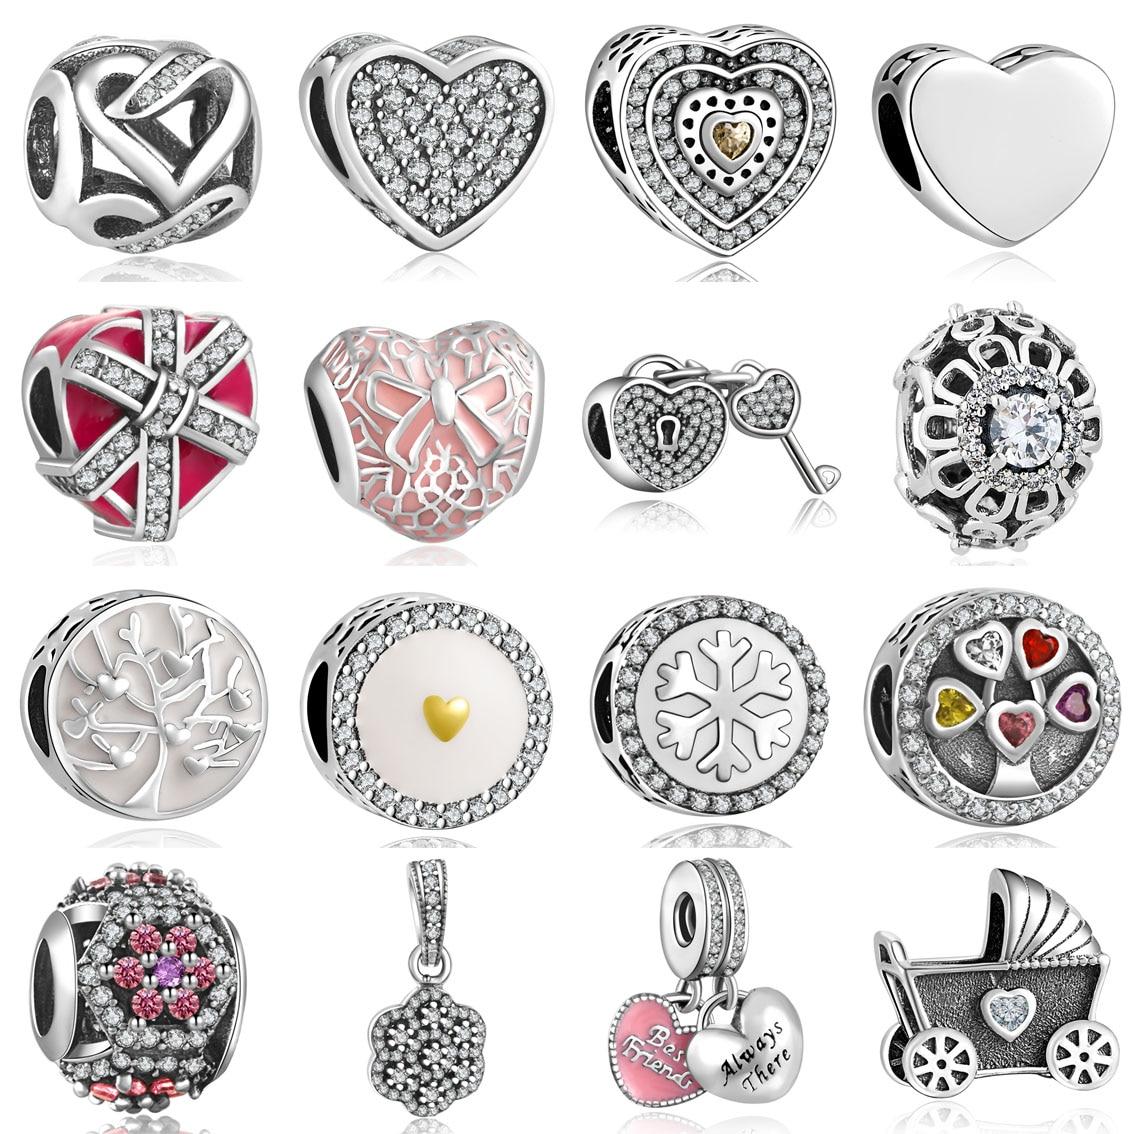 Nouvelle TOP Qualité 925 Perles de Charme en Argent avec Pleine Cristal Fit Original Pandora Bracelet Pendentifs Pour Les Femmes Bijoux